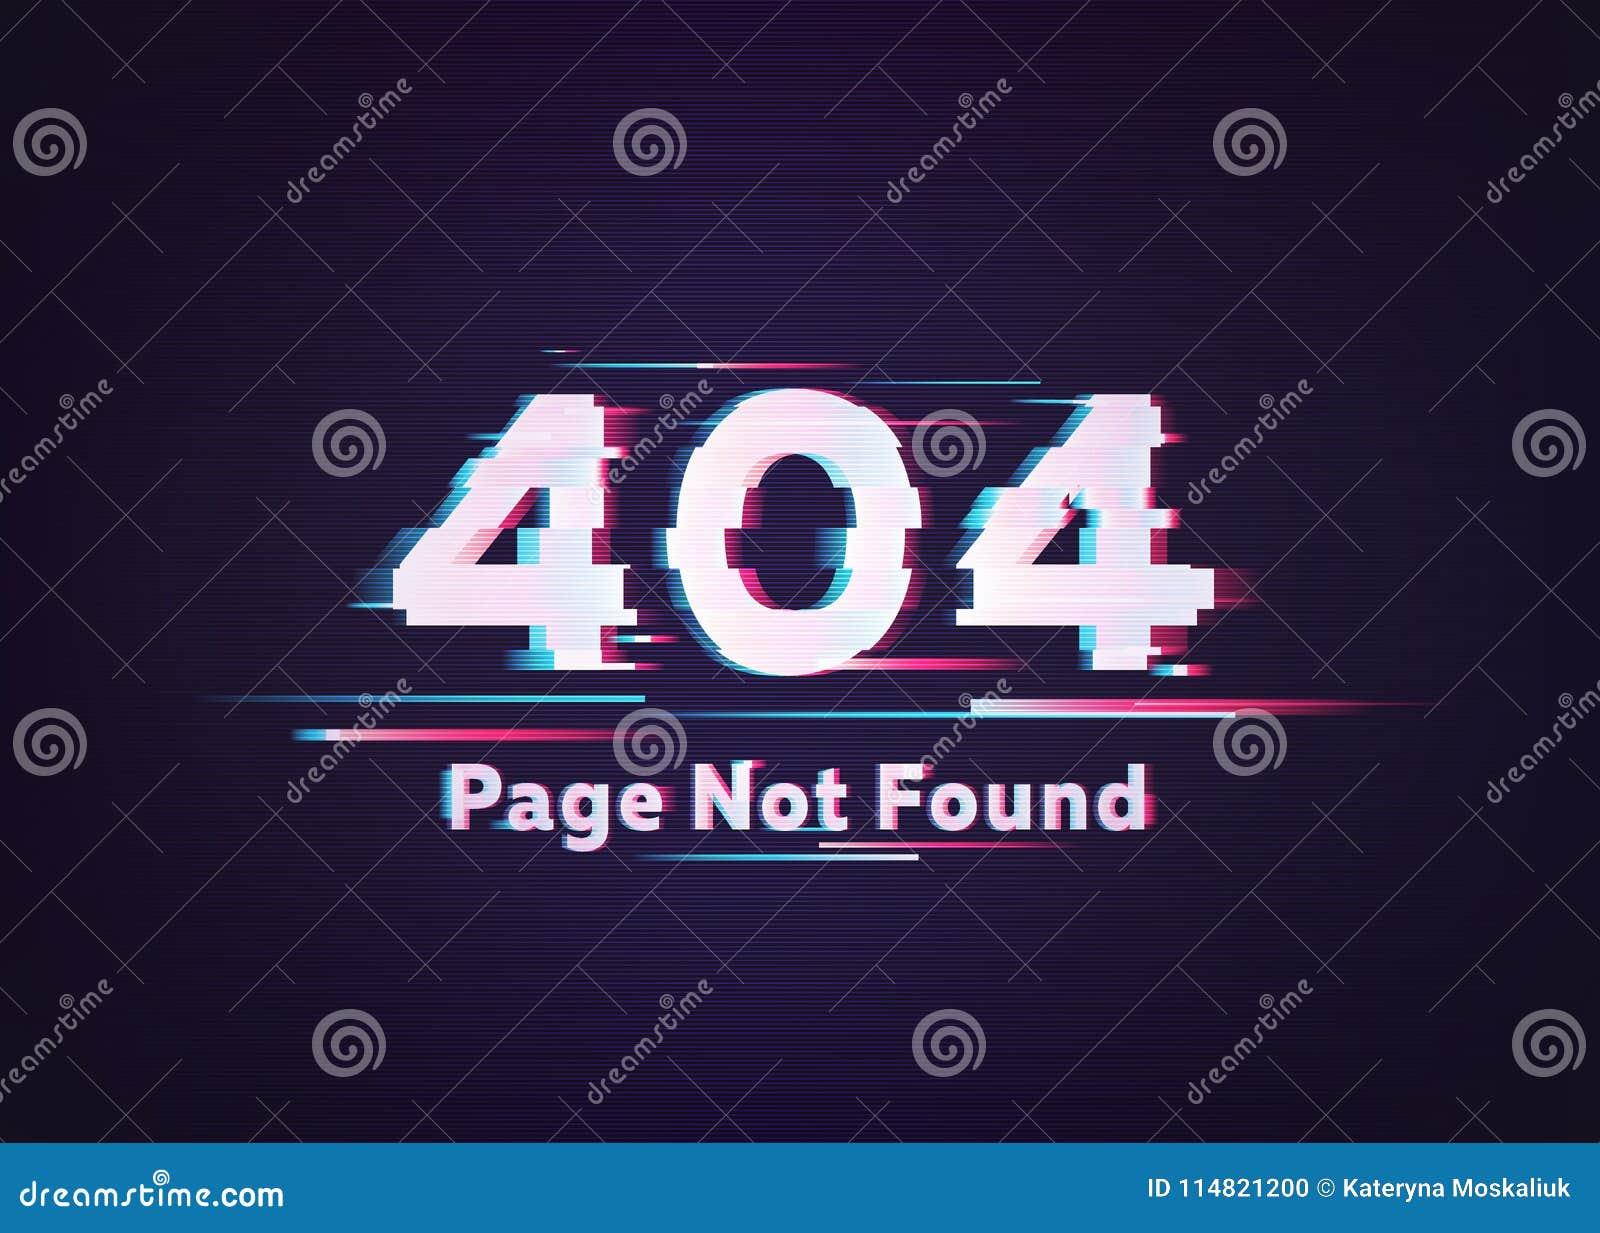 σφάλμα 404 βρήκε όχι τη σελίδα Διανυσματική απεικόνιση δυσλειτουργίας